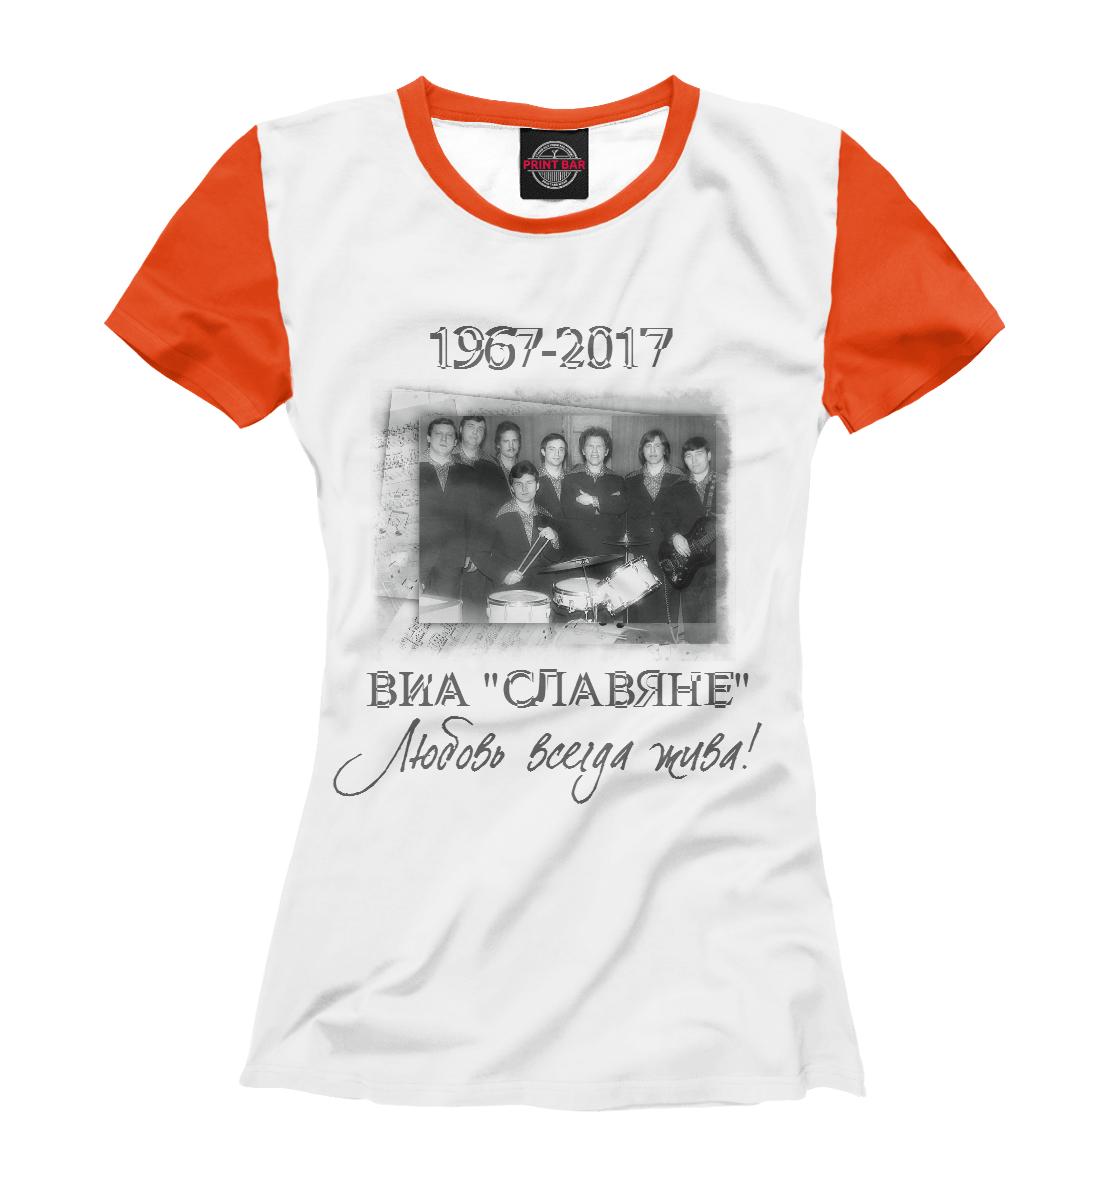 Женская футболка - ЮБИЛЕЙ ВИА СЛАВЯНЕ.Цена-999 руб.